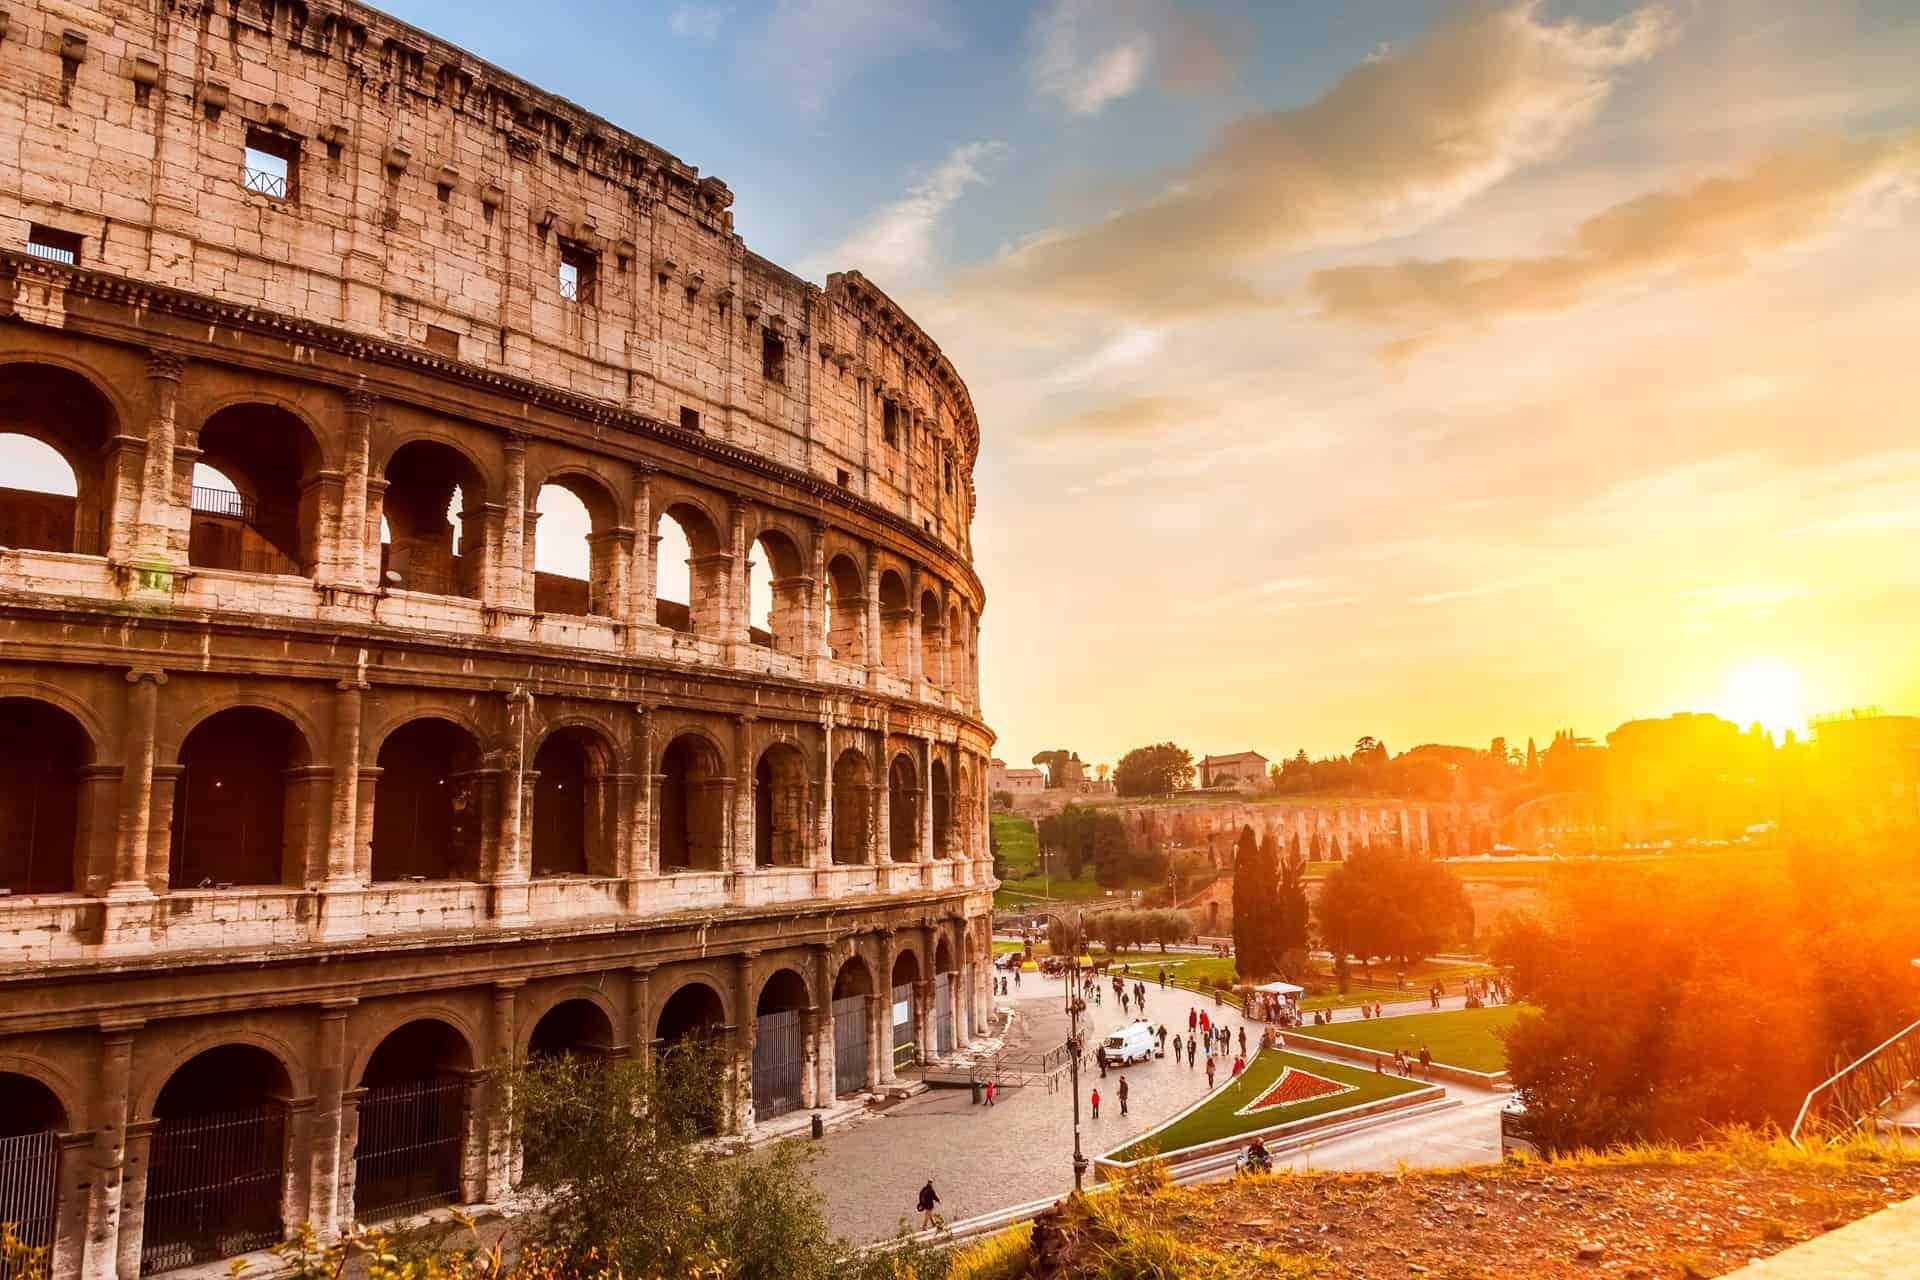 Κολοσσαίο (Colosseo)